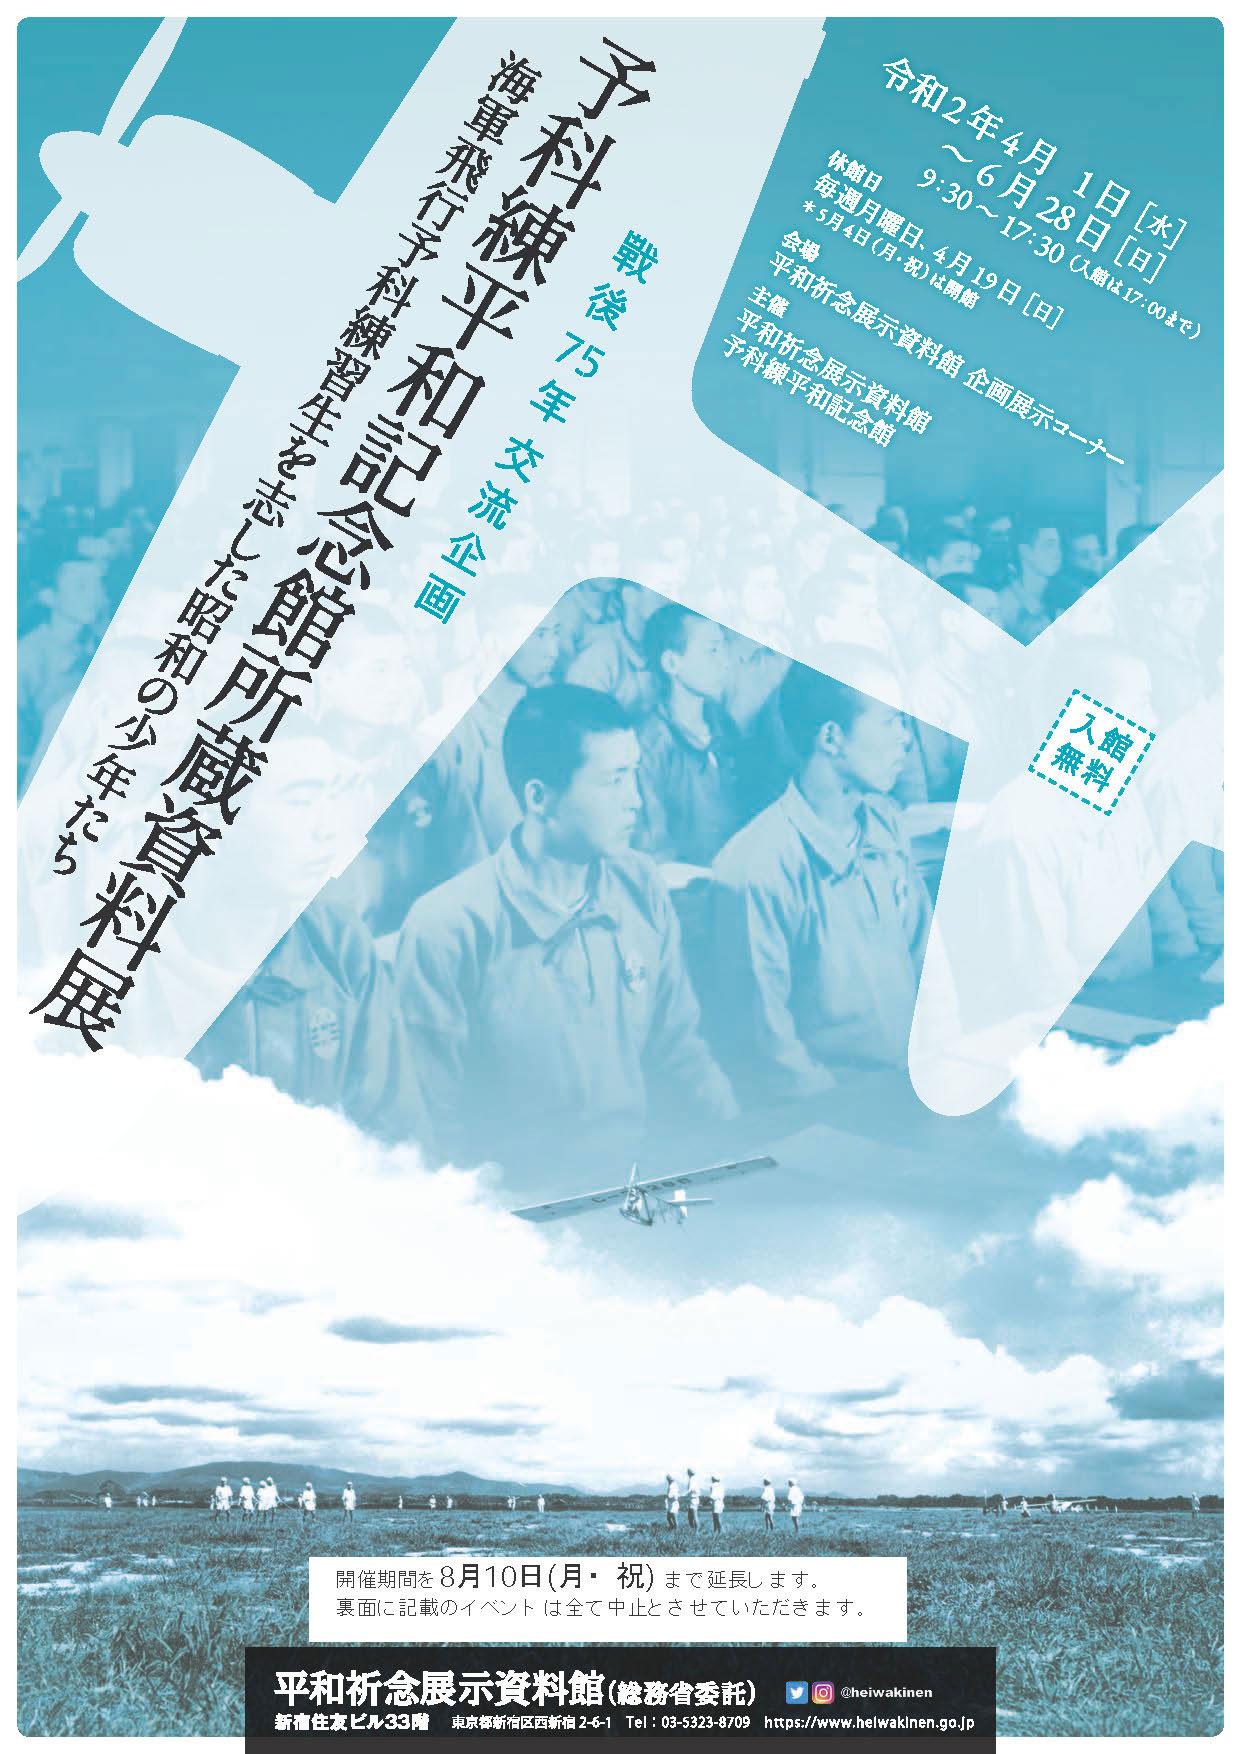 戦後75年交流企画 <br>「予科練平和記念館所蔵資料展 海軍飛行予科練習生を志した昭和の少年たち」